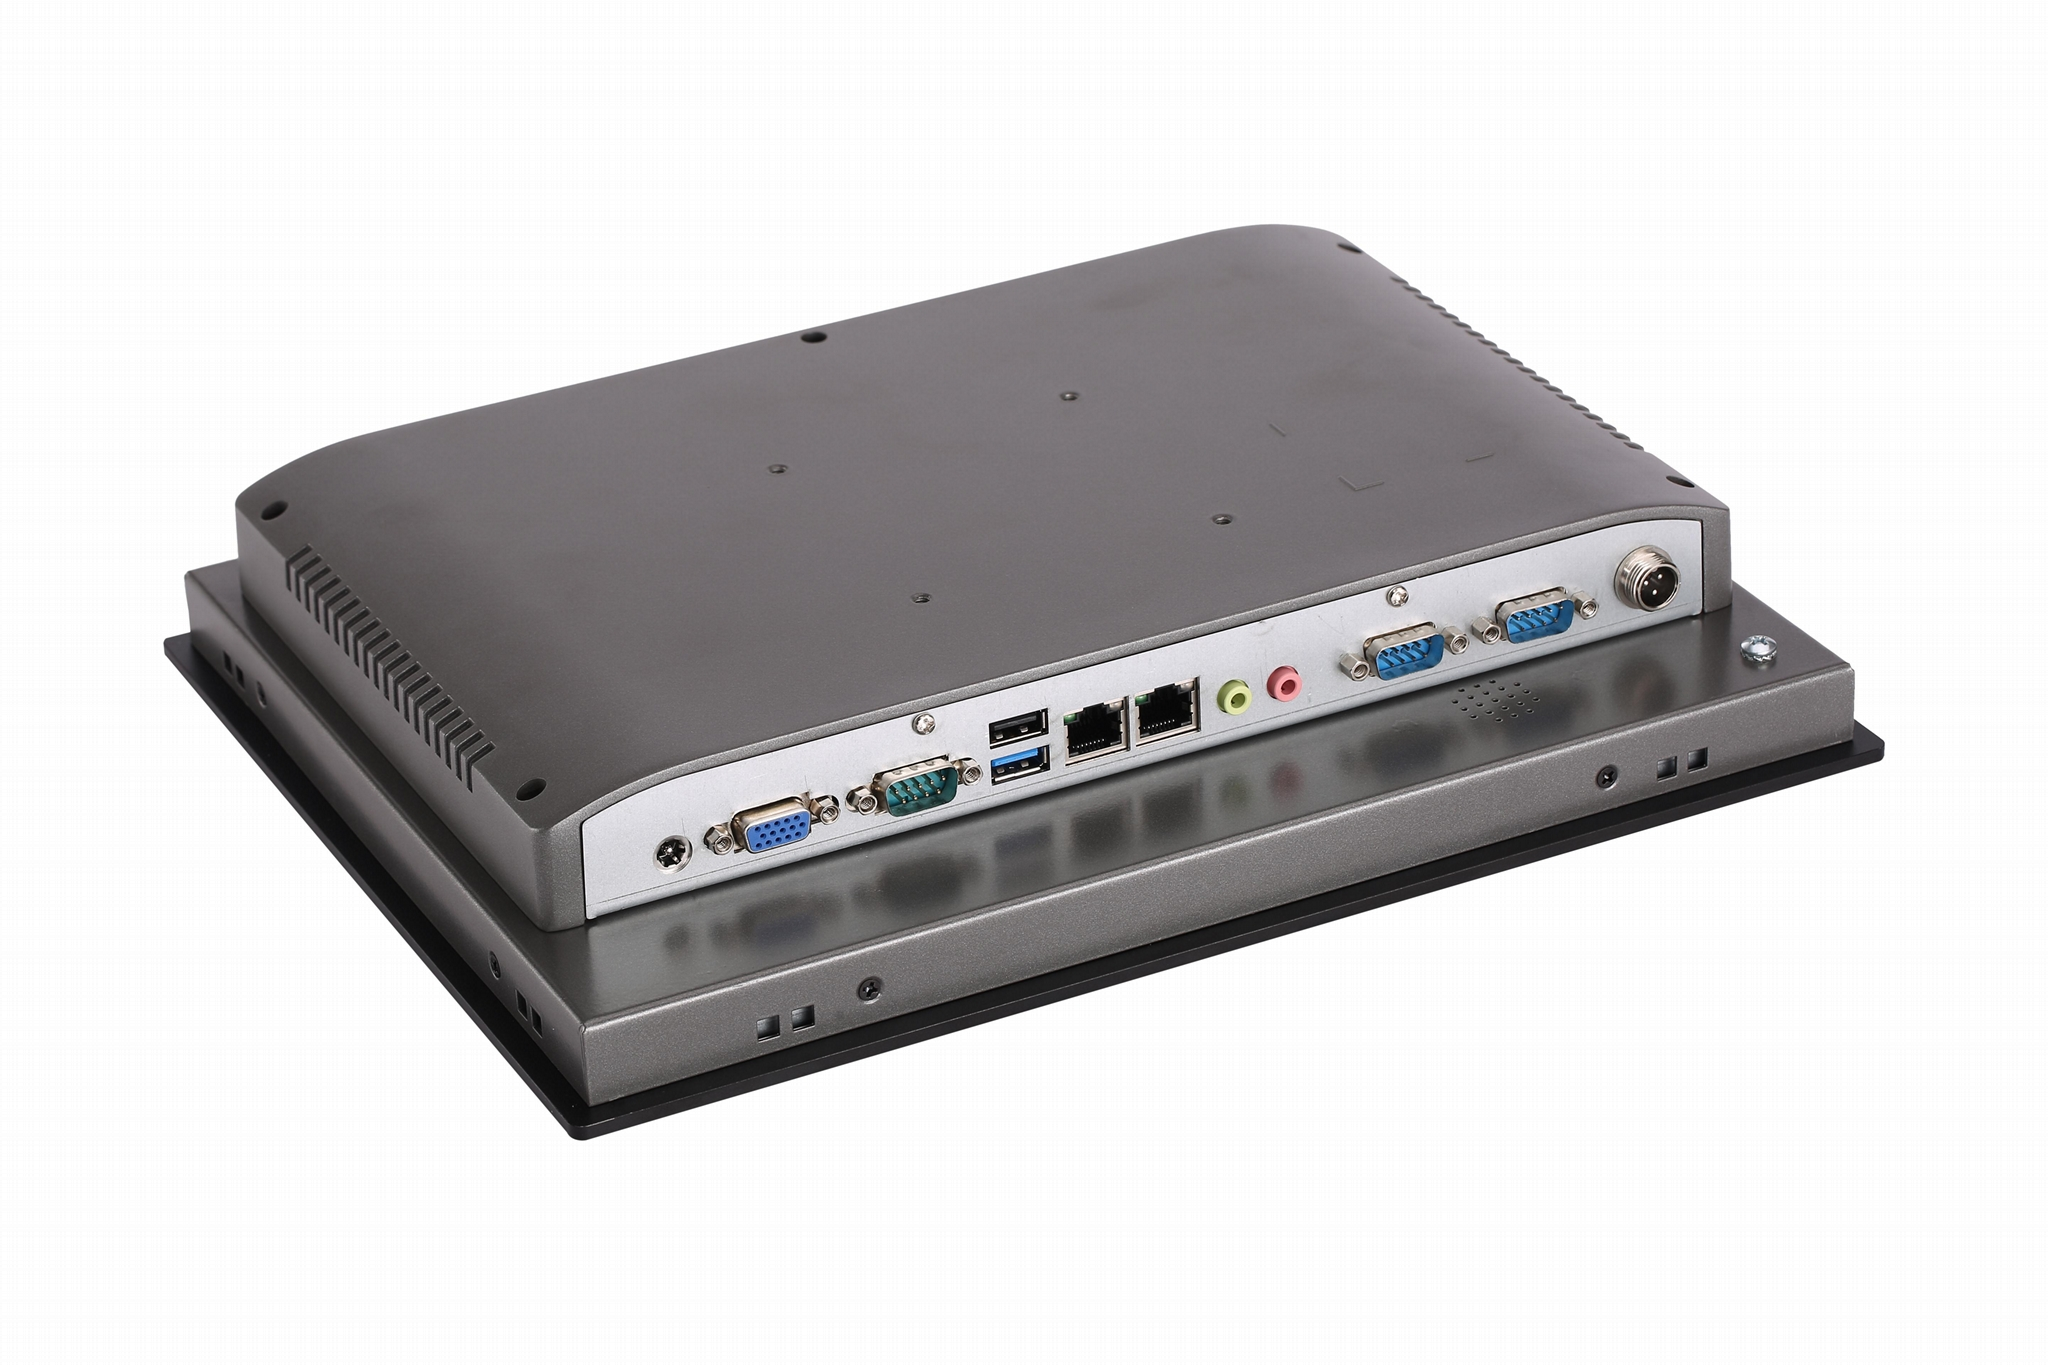 點微/DW-121TPC-K5Z工業觸摸一體機平板電腦 2